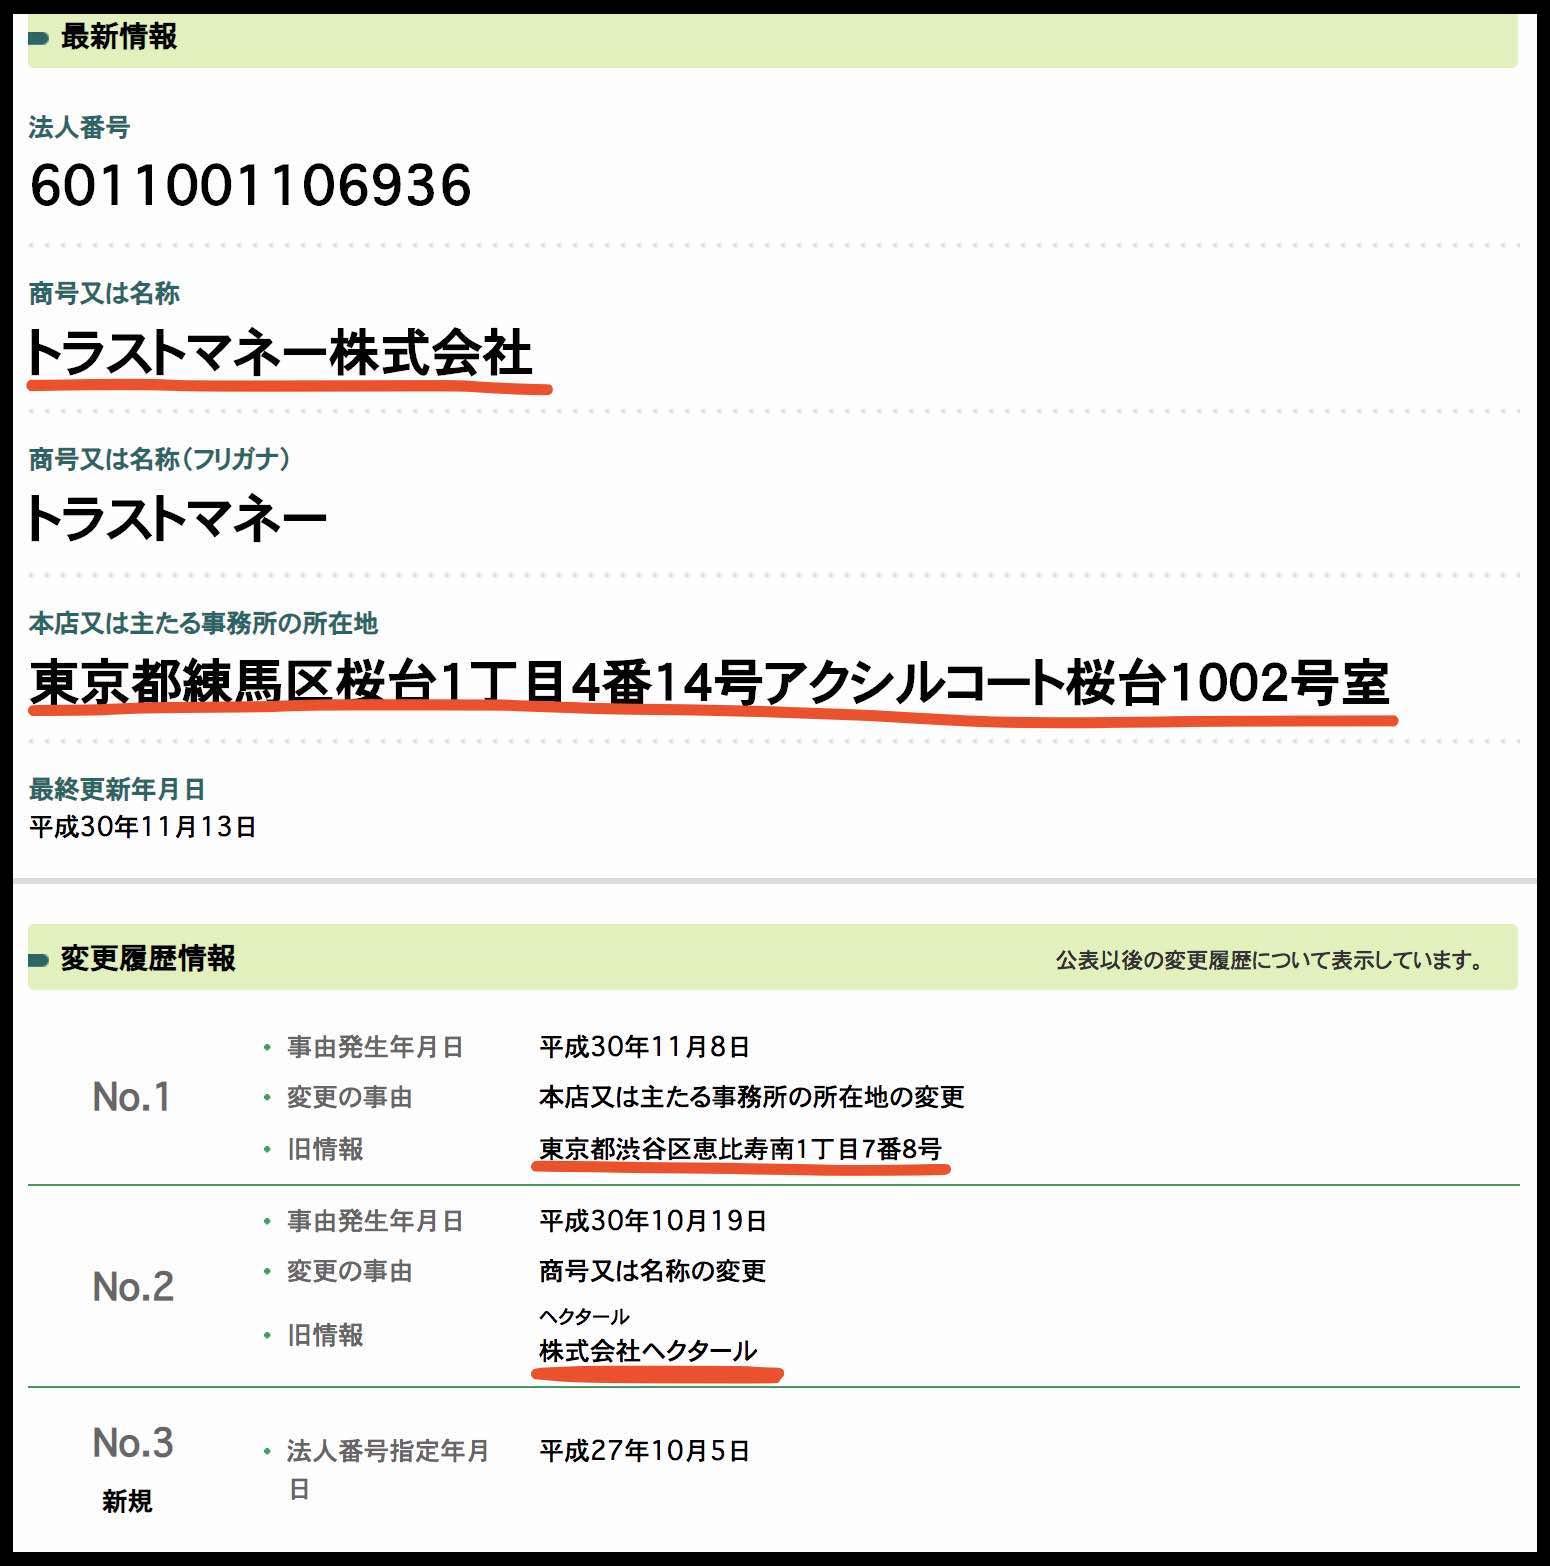 「パーフェクトボート」の運営会社「トラストマネー株式会社」の情報